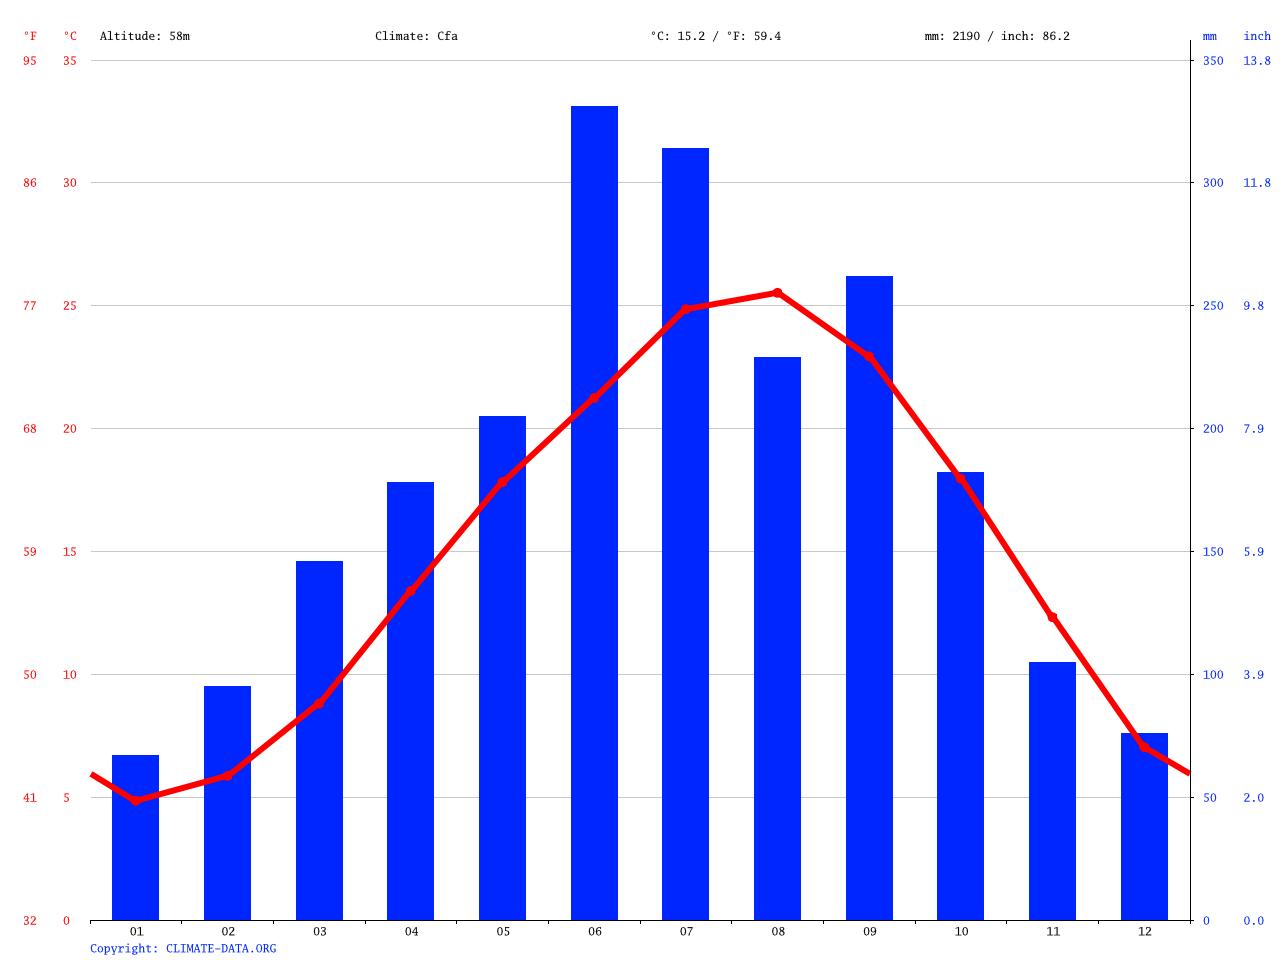 気候:香美市-気候グラフ、気温グラフ、雨温図 - Climate-Data.org